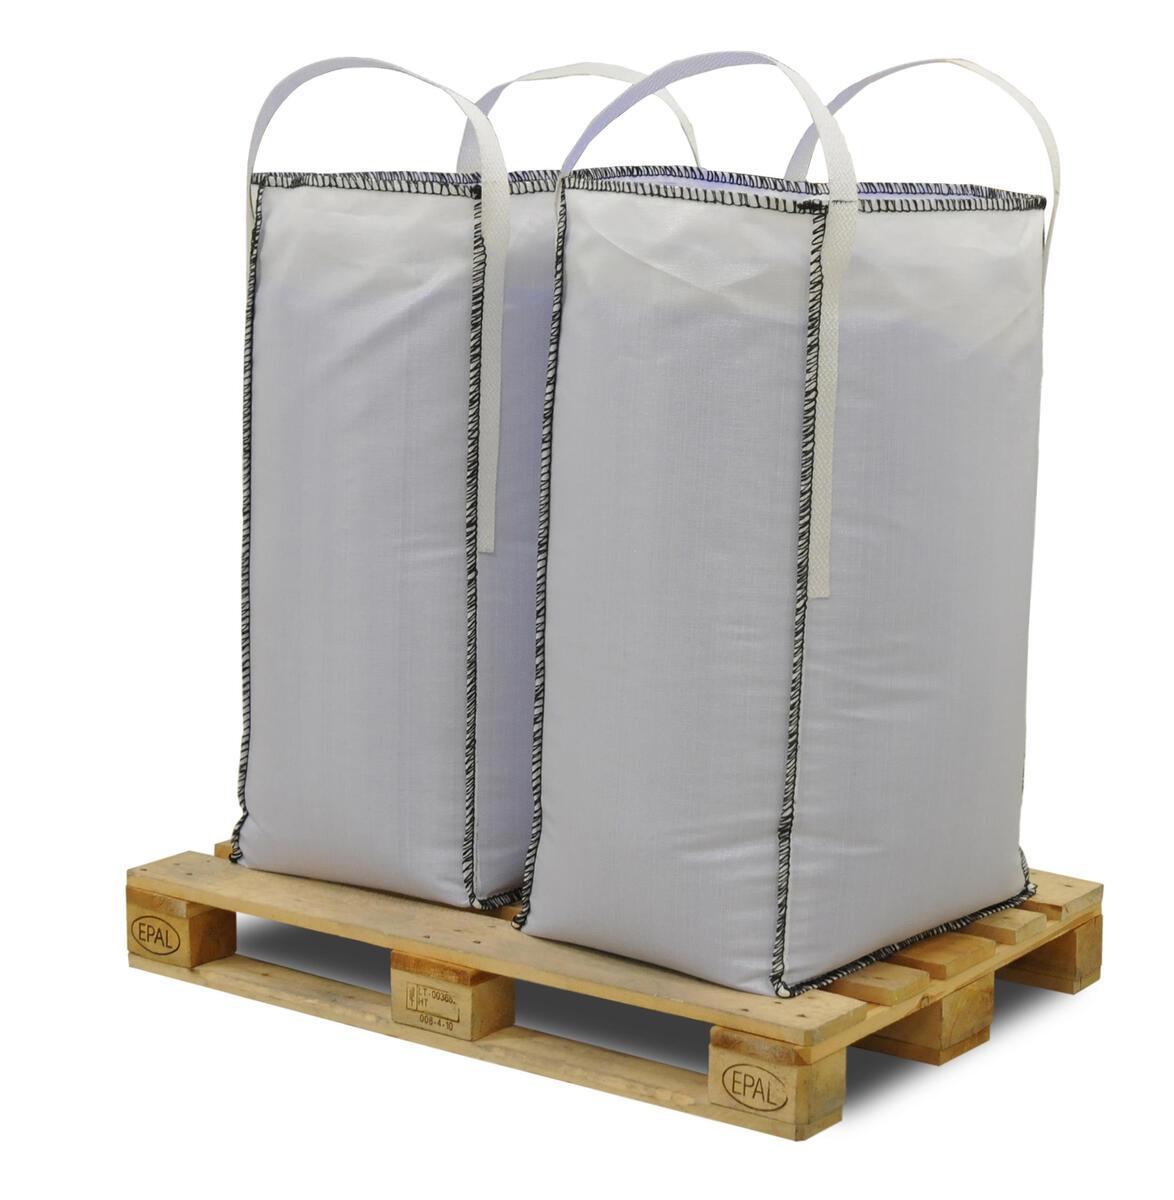 fibc with 2 belts fibc big bags fibc big bag and sacks products accon. Black Bedroom Furniture Sets. Home Design Ideas